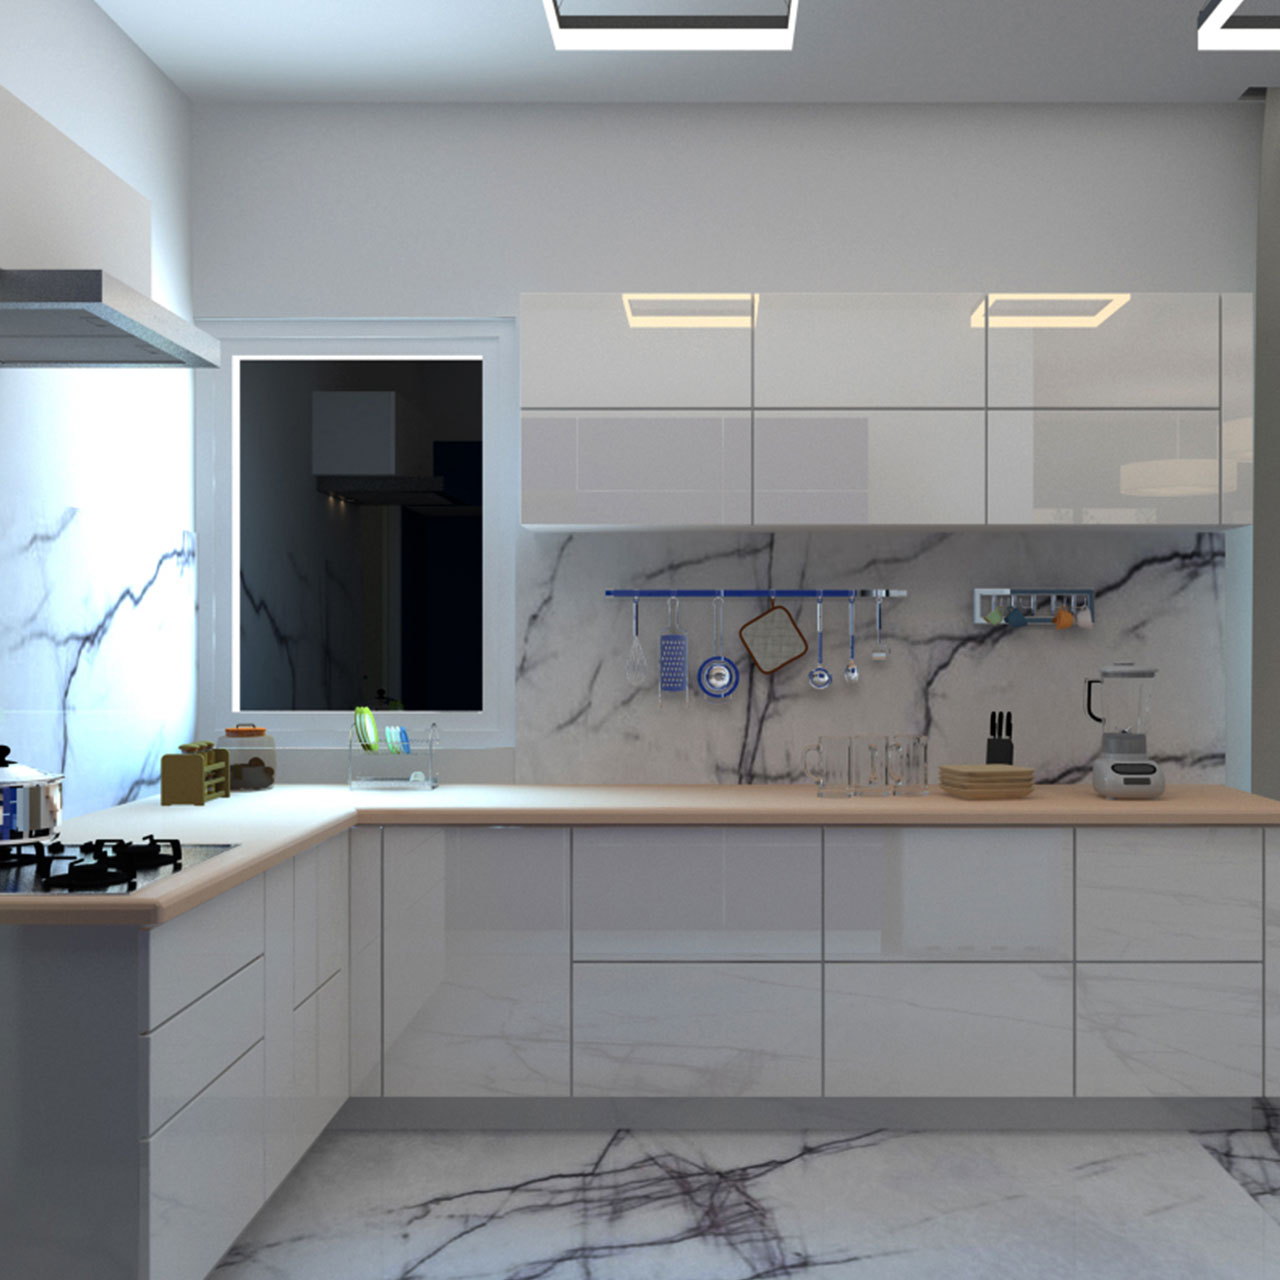 Basic Modular Kitchen Design